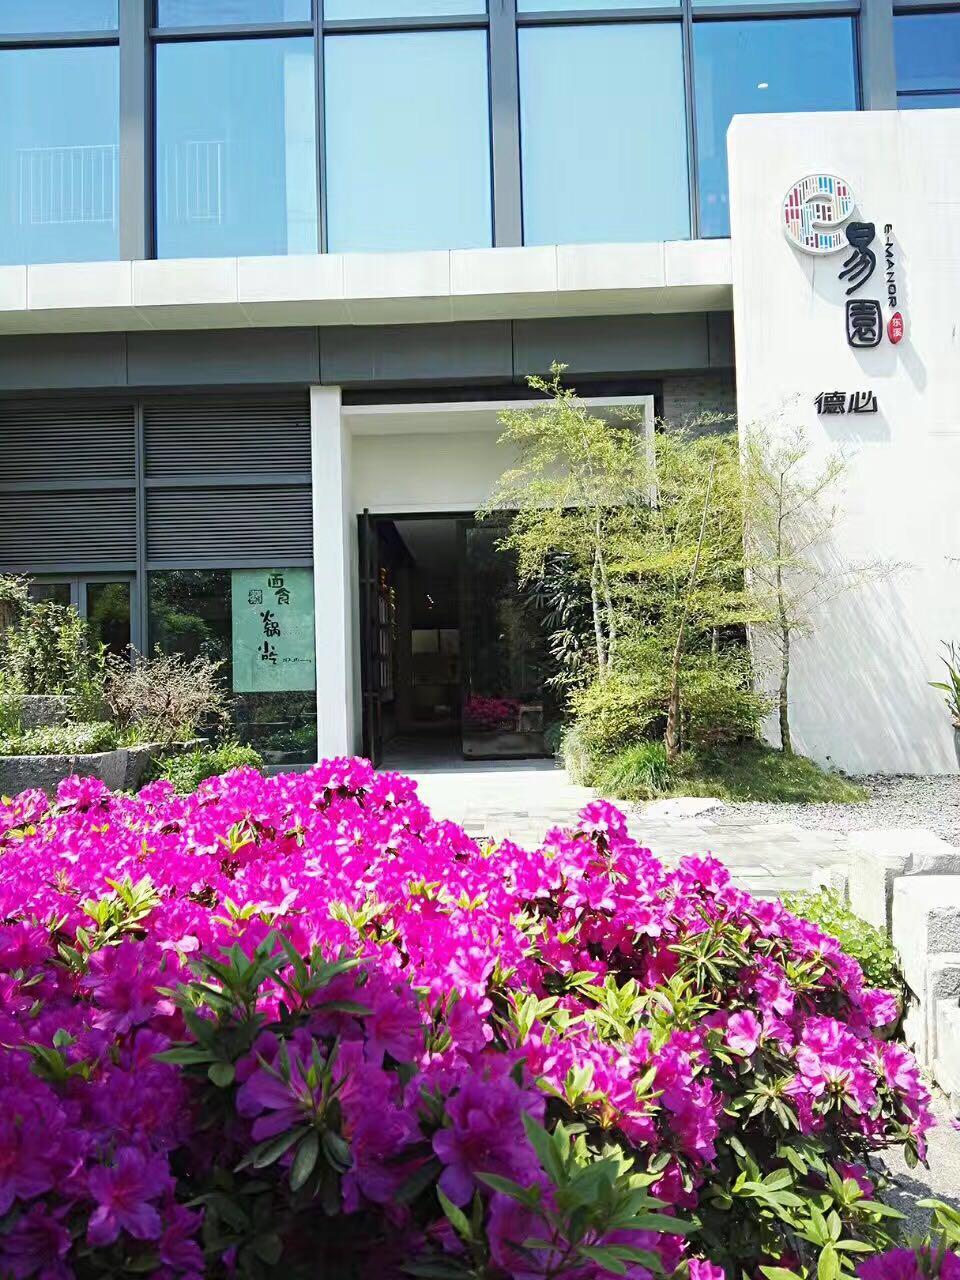 莫洛尼携手世界五大顶级壁炉品牌入住杭州东溪德必易园(筹备中)